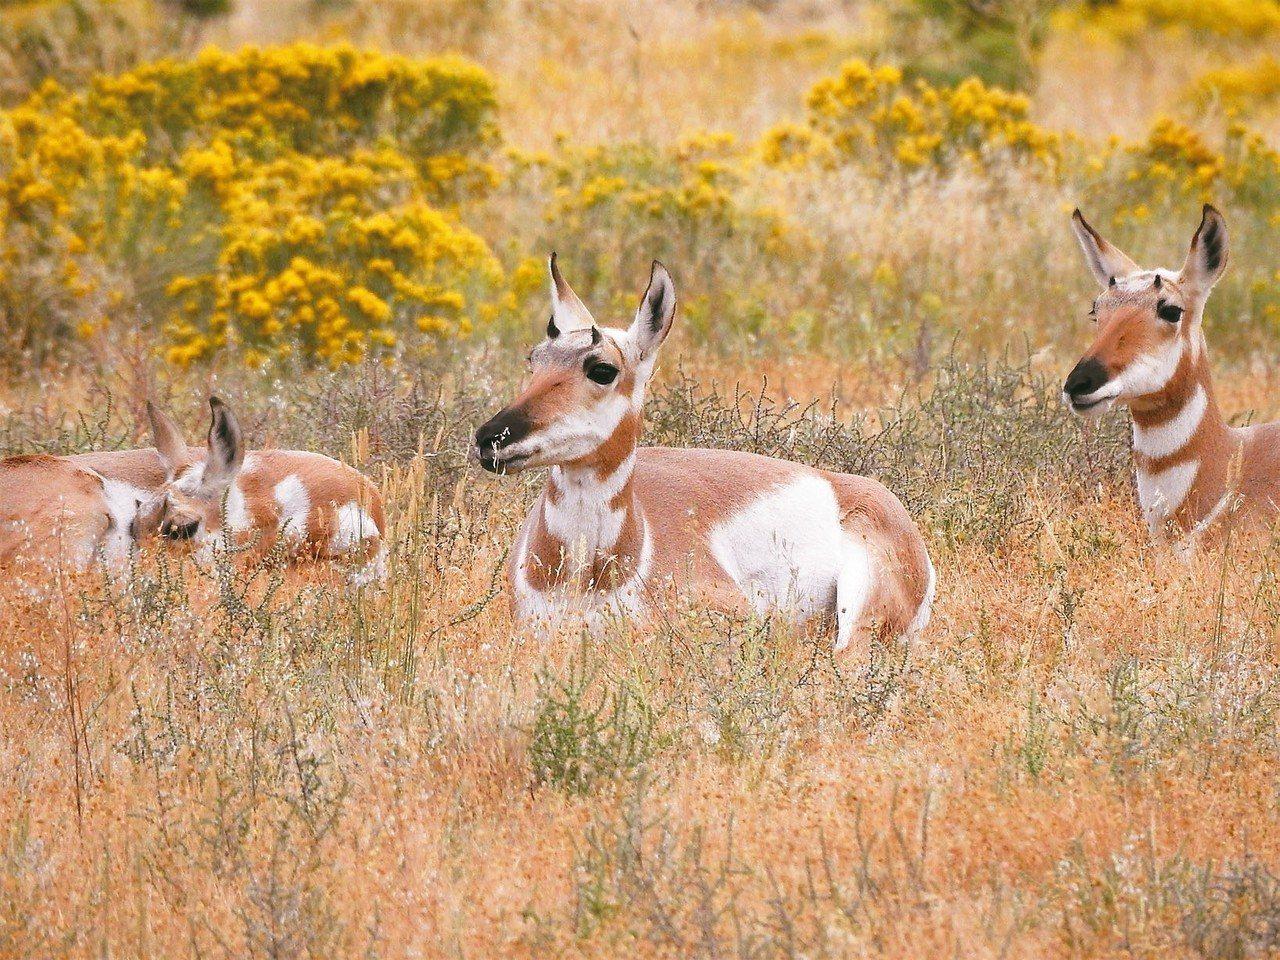 黃石國家公園,以多樣的生態系統,野生動物及許多地熱資源聞名。 圖/有行旅提供